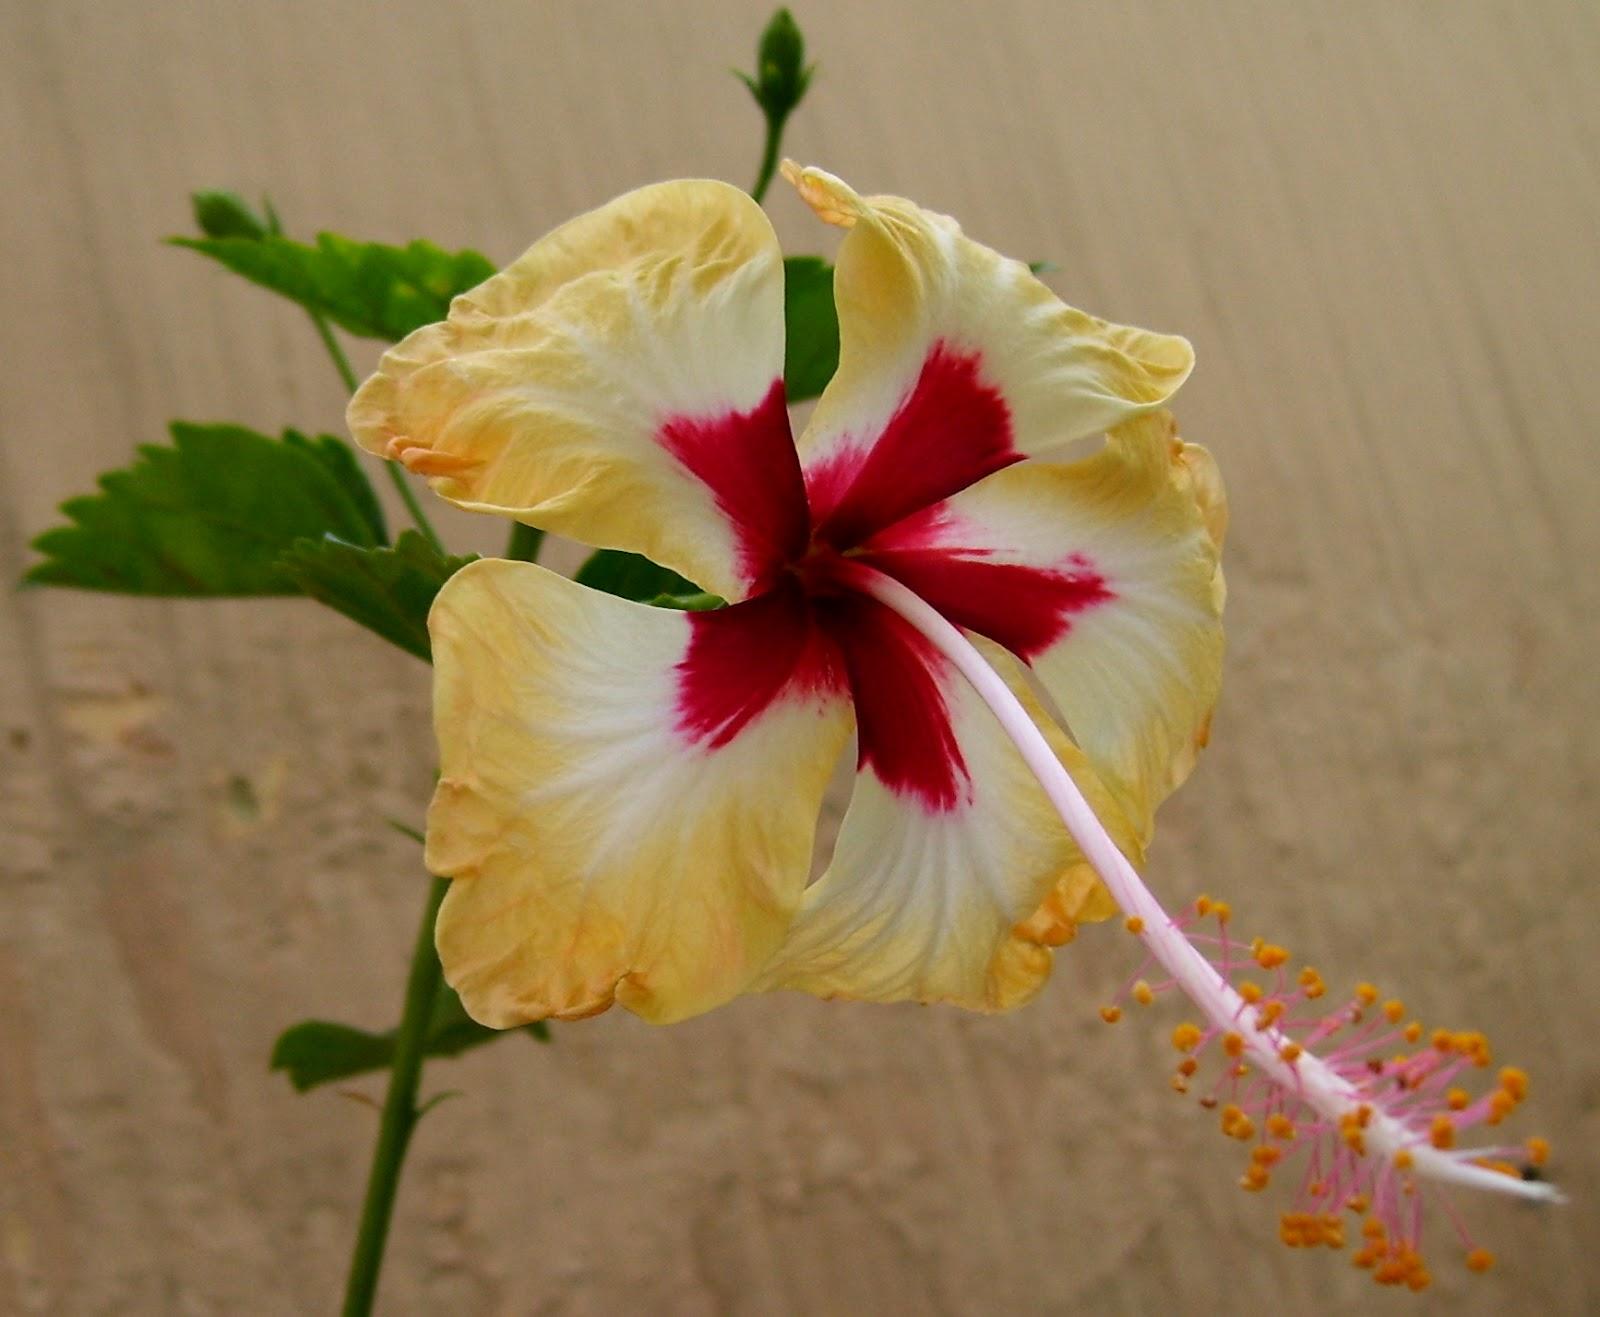 Bloom: Few flowering plants in my Garden